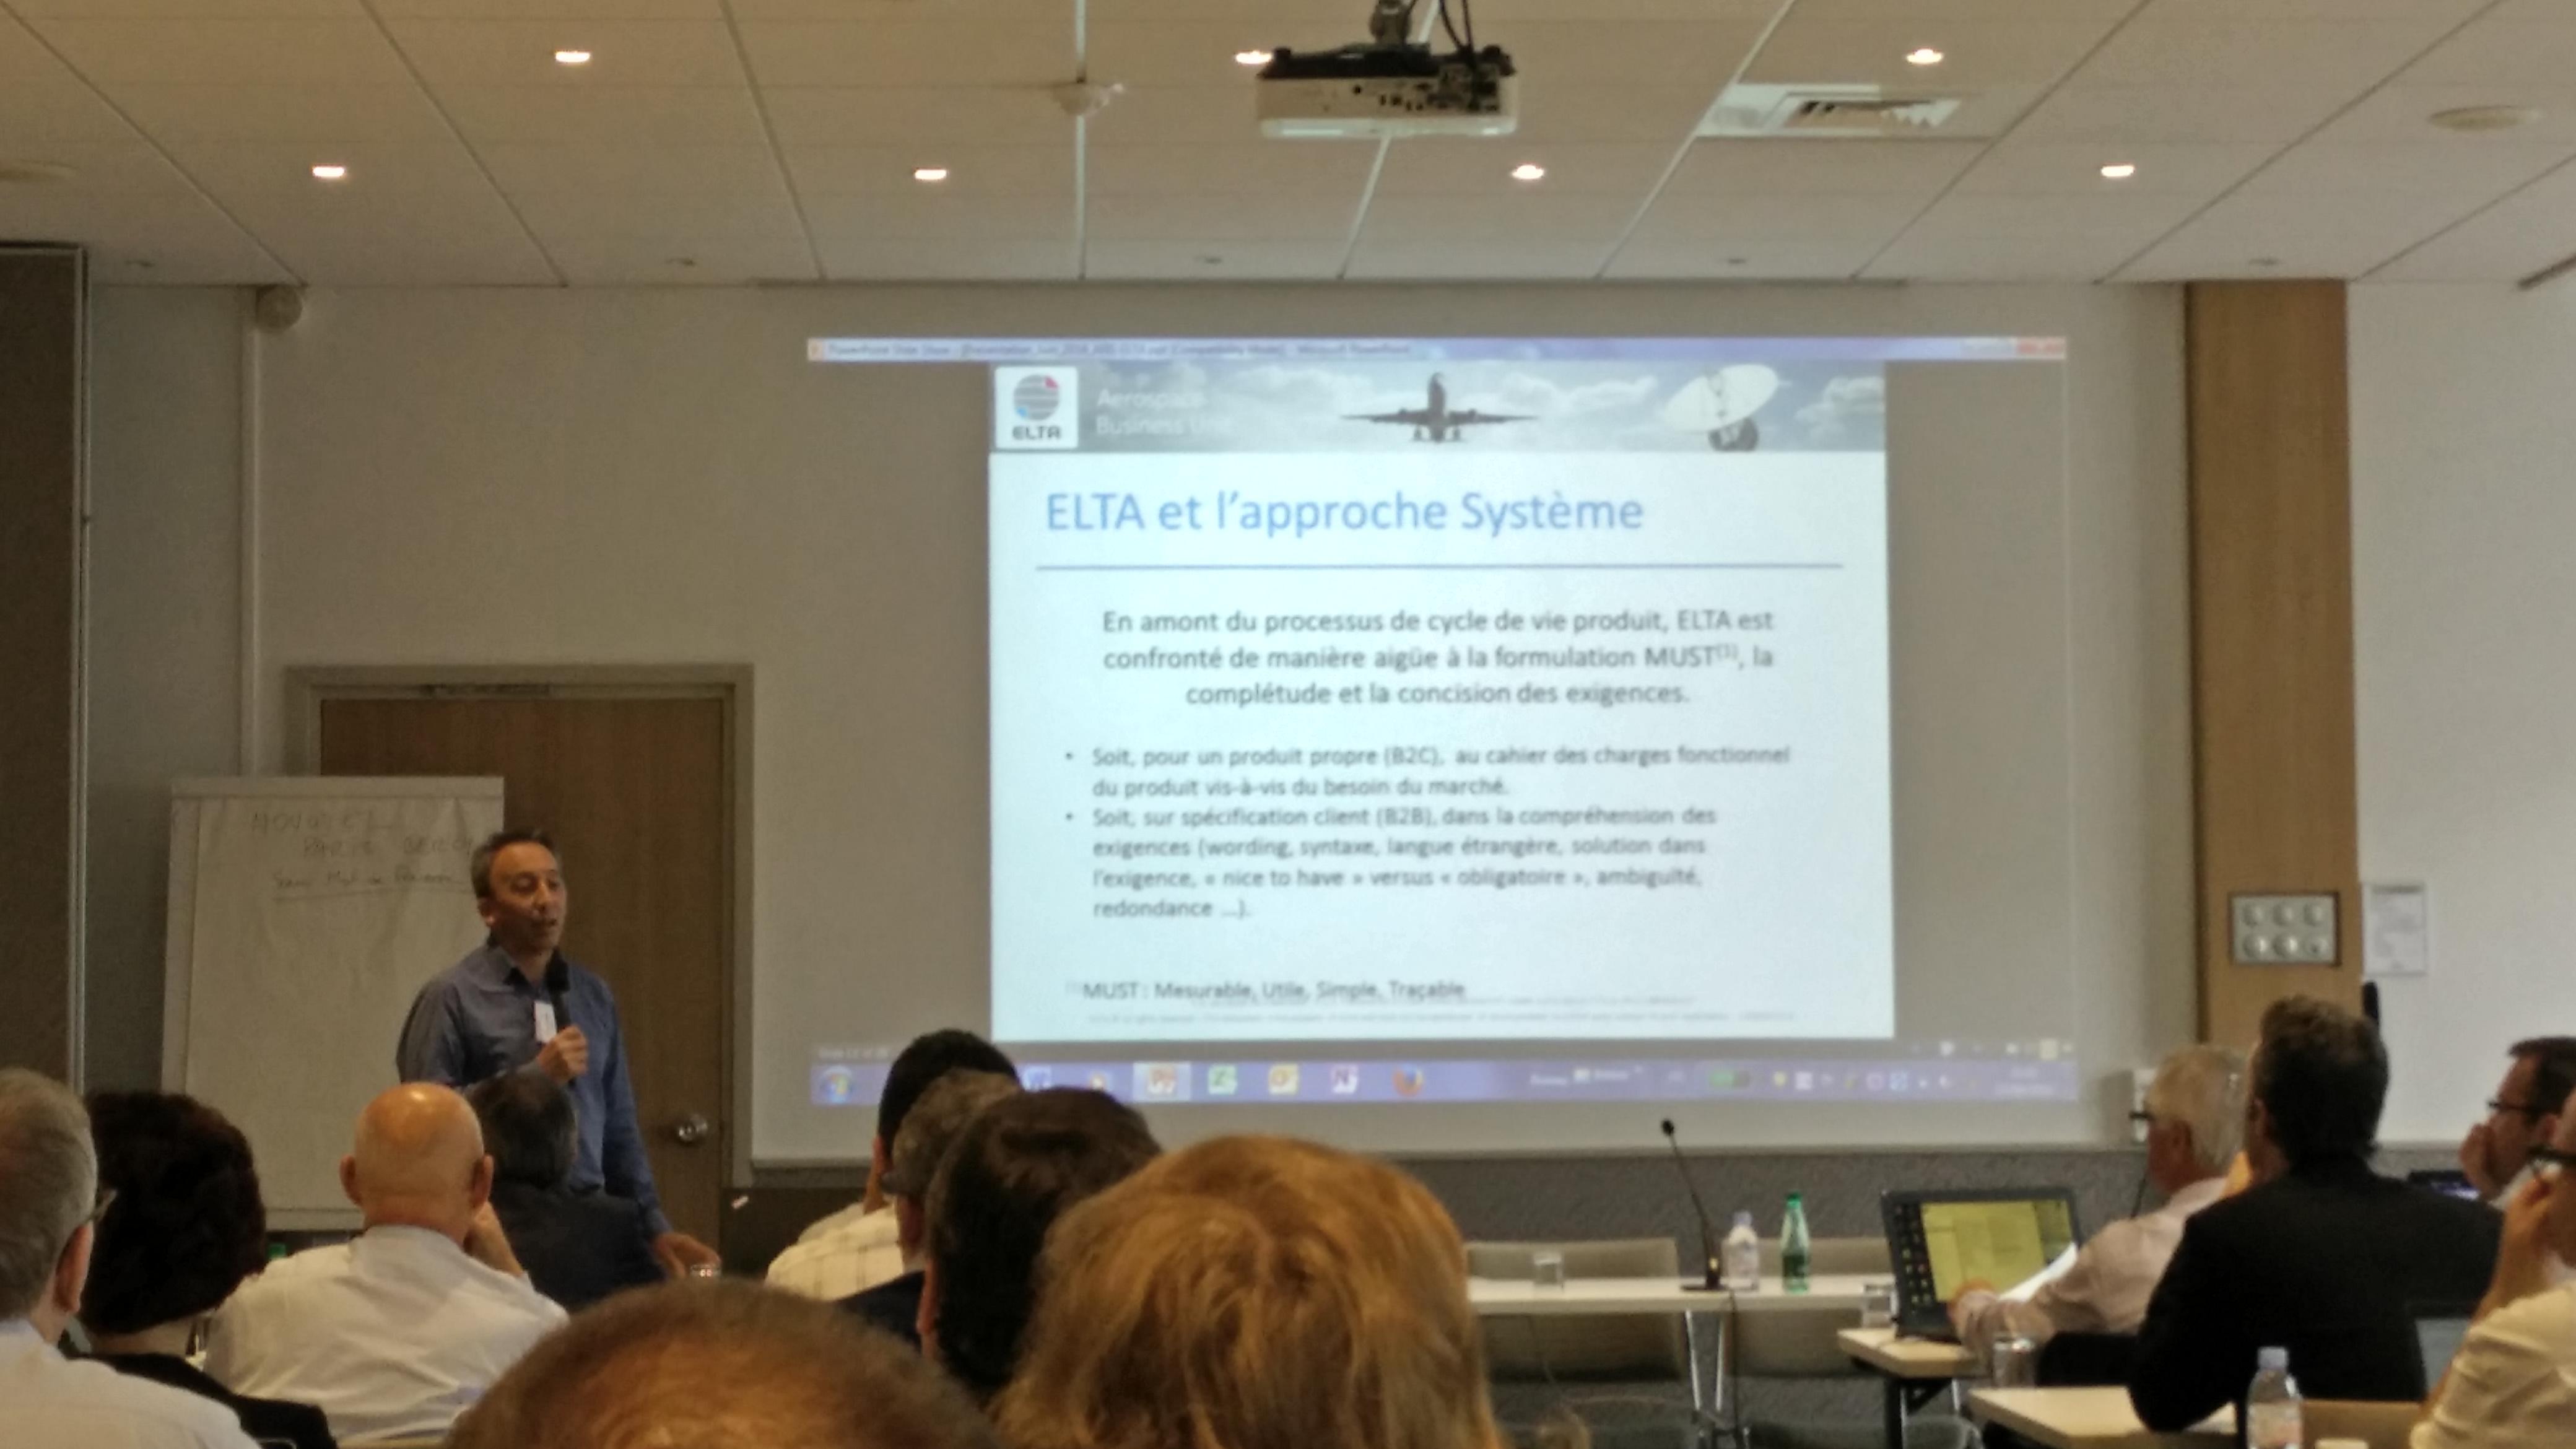 ELTA Ingénierie Système